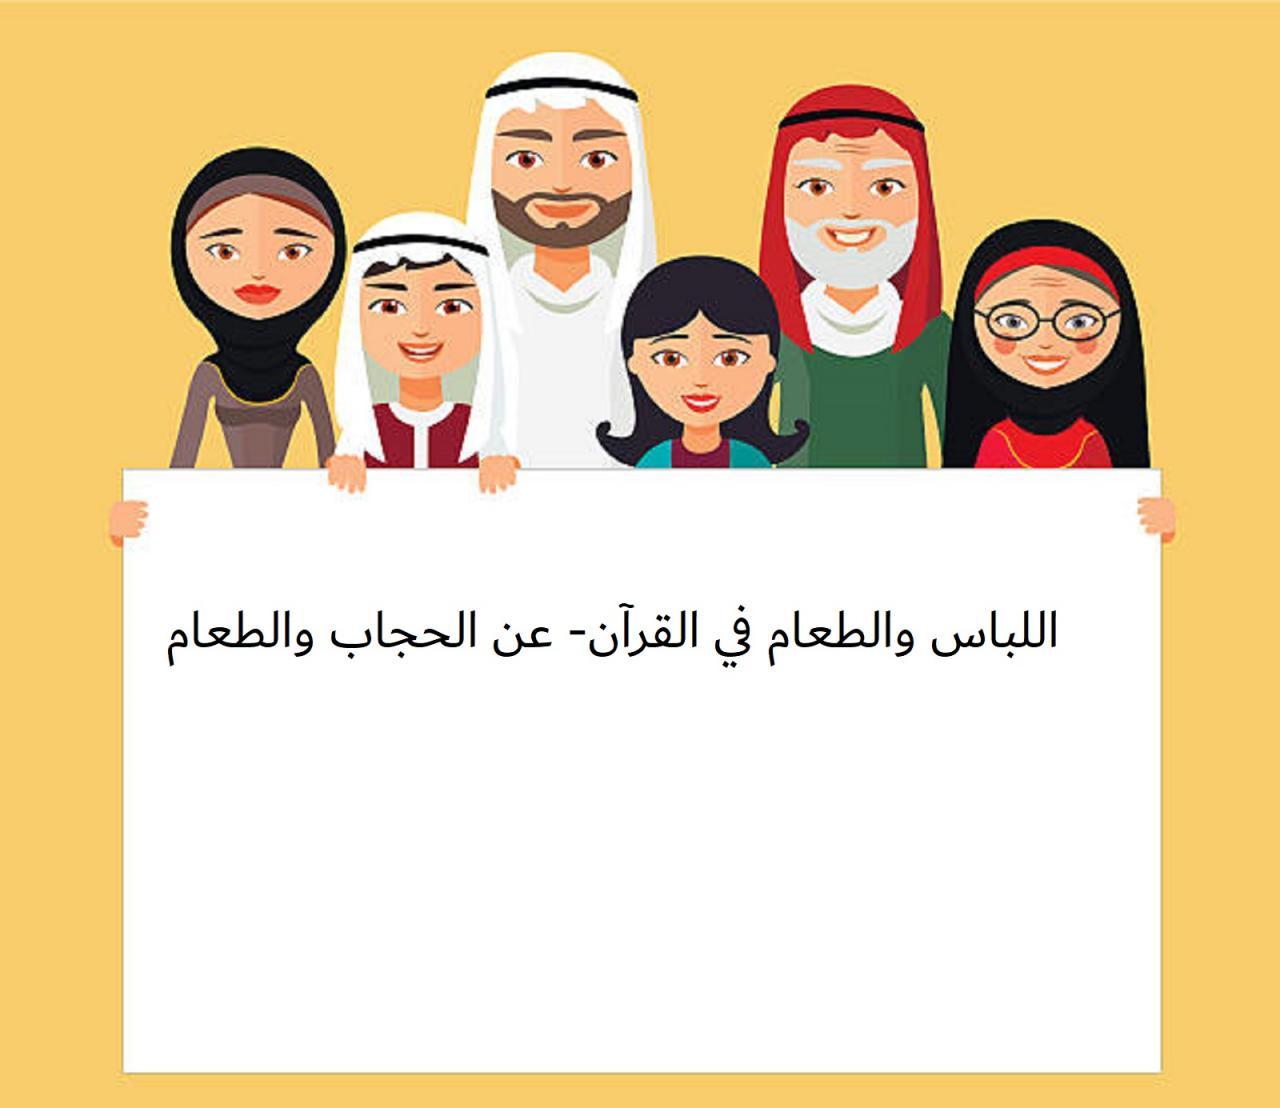 صورة عبارة عن الحجاب , كلمات عن الستر و تغطية الشعر